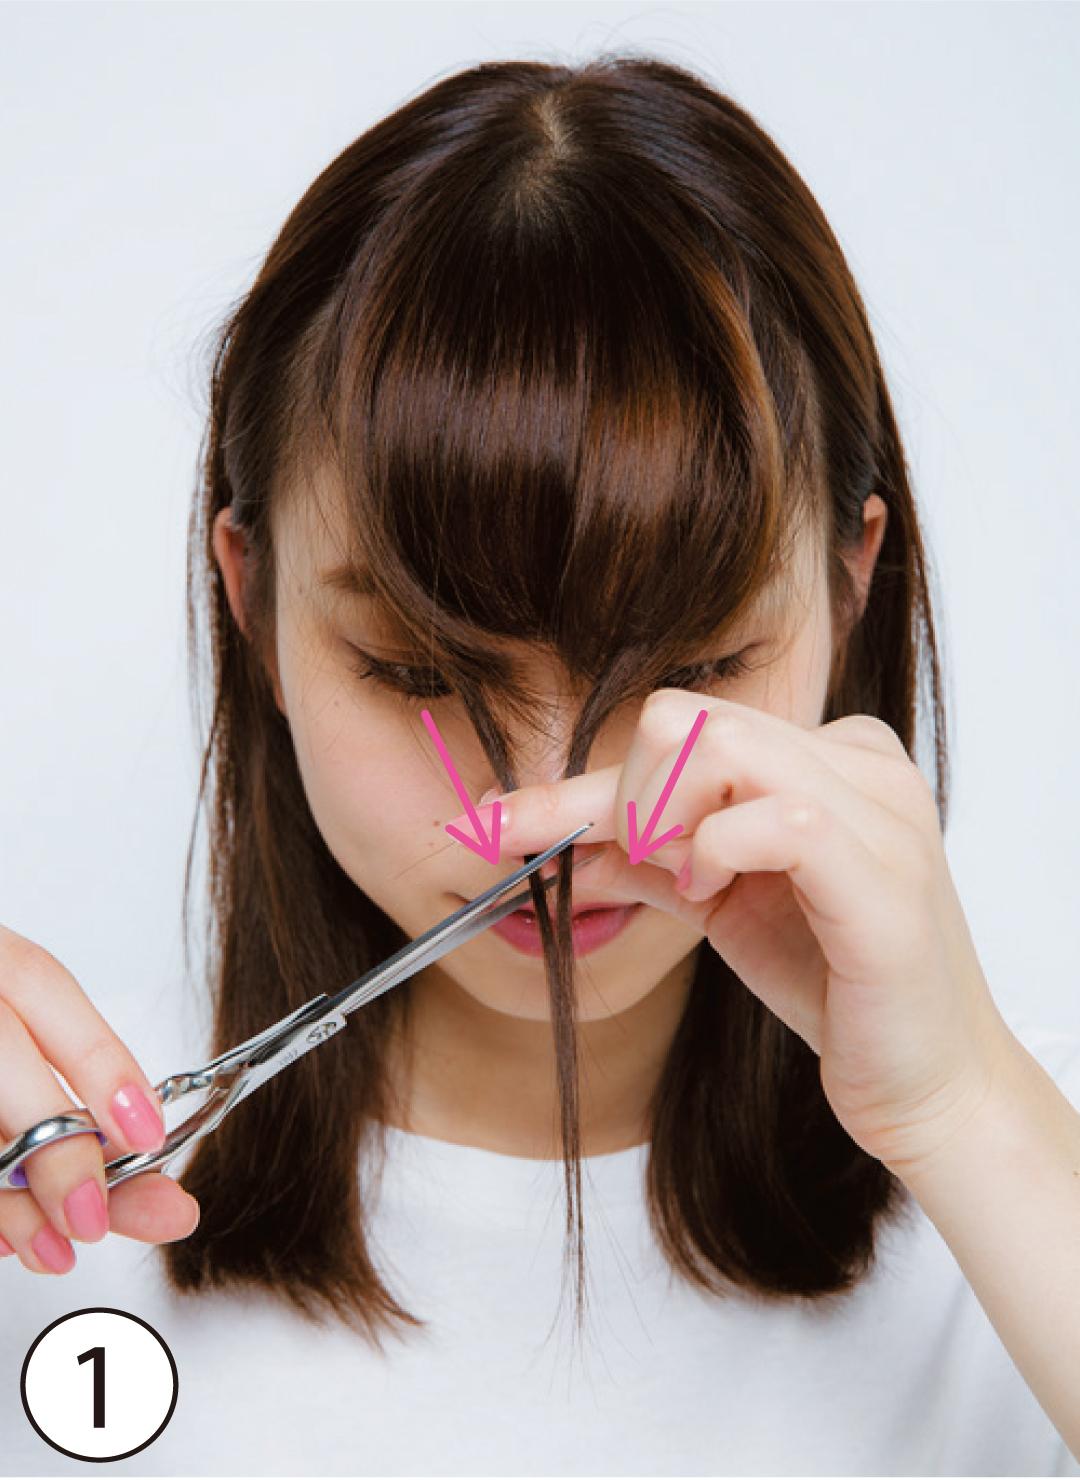 ①はらり触角をカットでも作る! 基本のカット①の前に、おでこ両端の毛束を取って中央に集め、鼻下の長さでハサミを縦に入れてカット。これが、顔を包むはらり触角になる!